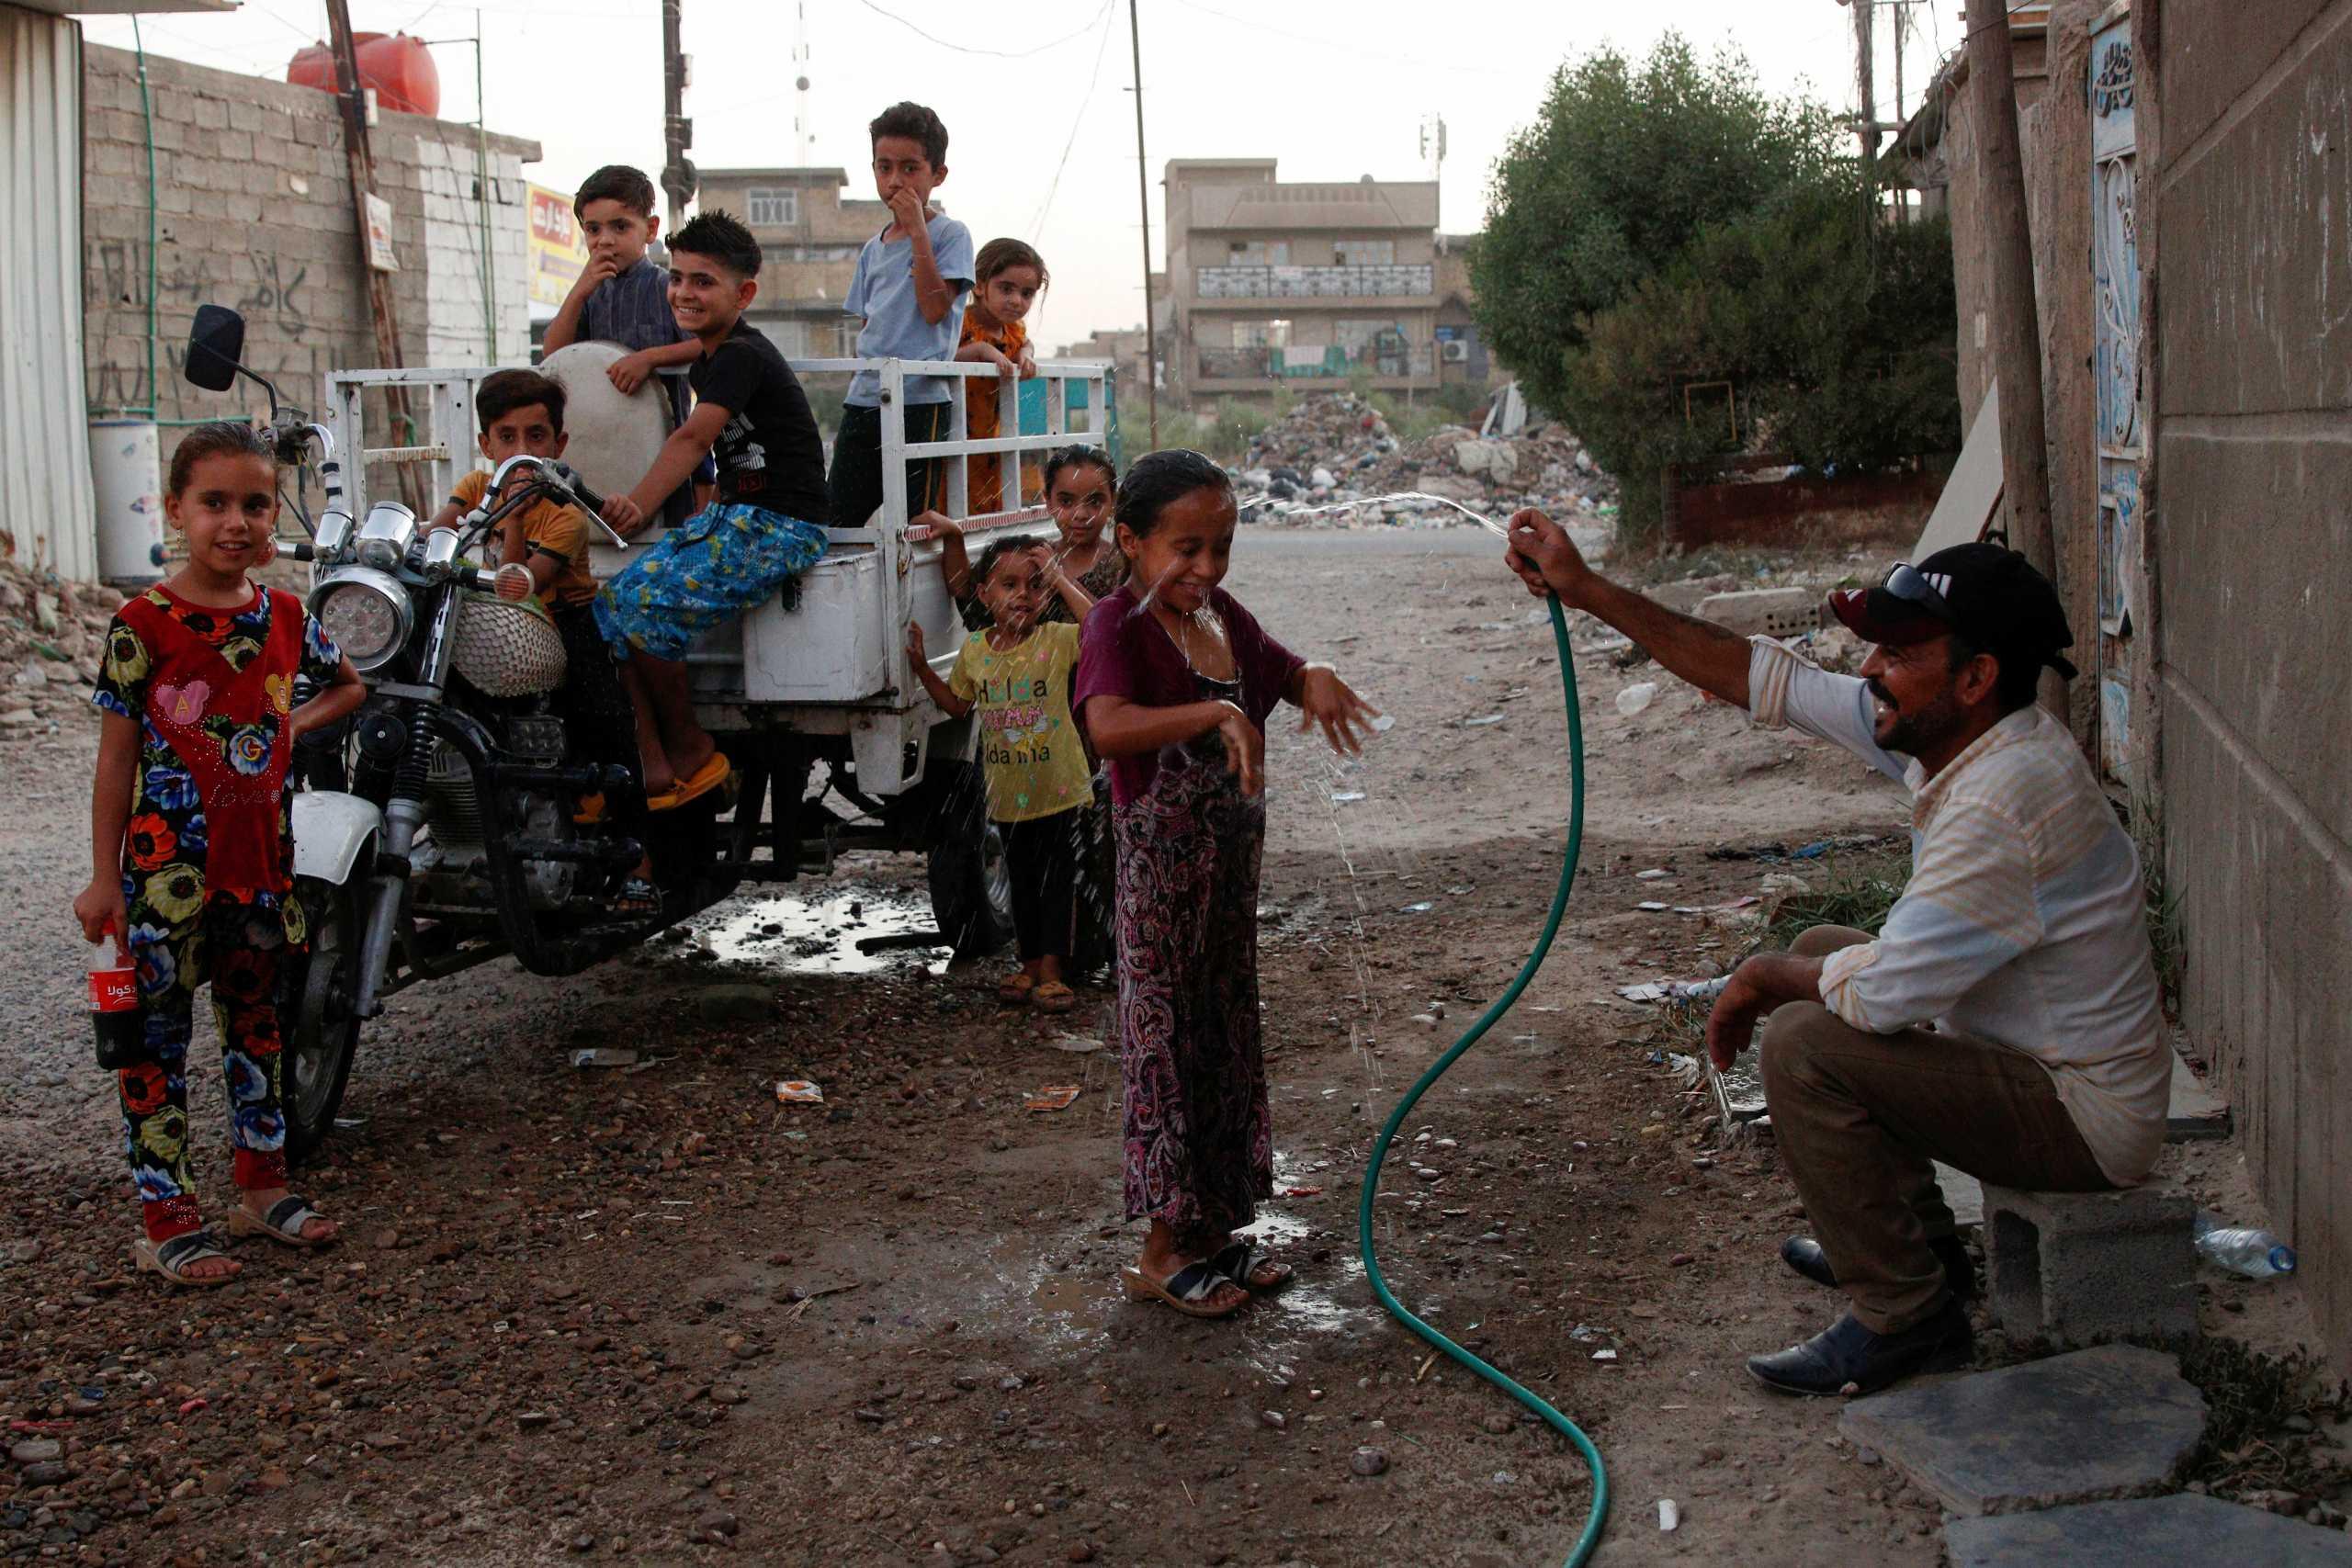 Ρεκόρ κρουσμάτων και στο Ιράκ – Πάνω από 12.000 μολύνσεις